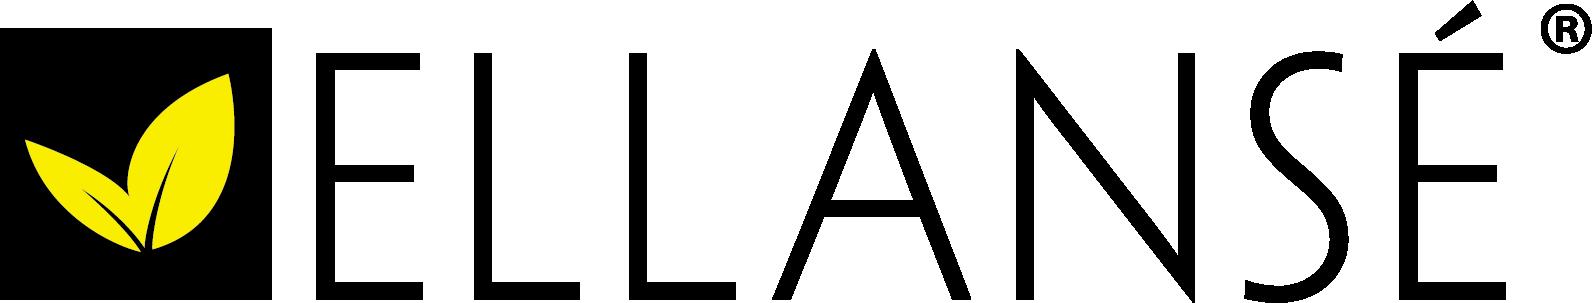 Ellanse 少女針 logo